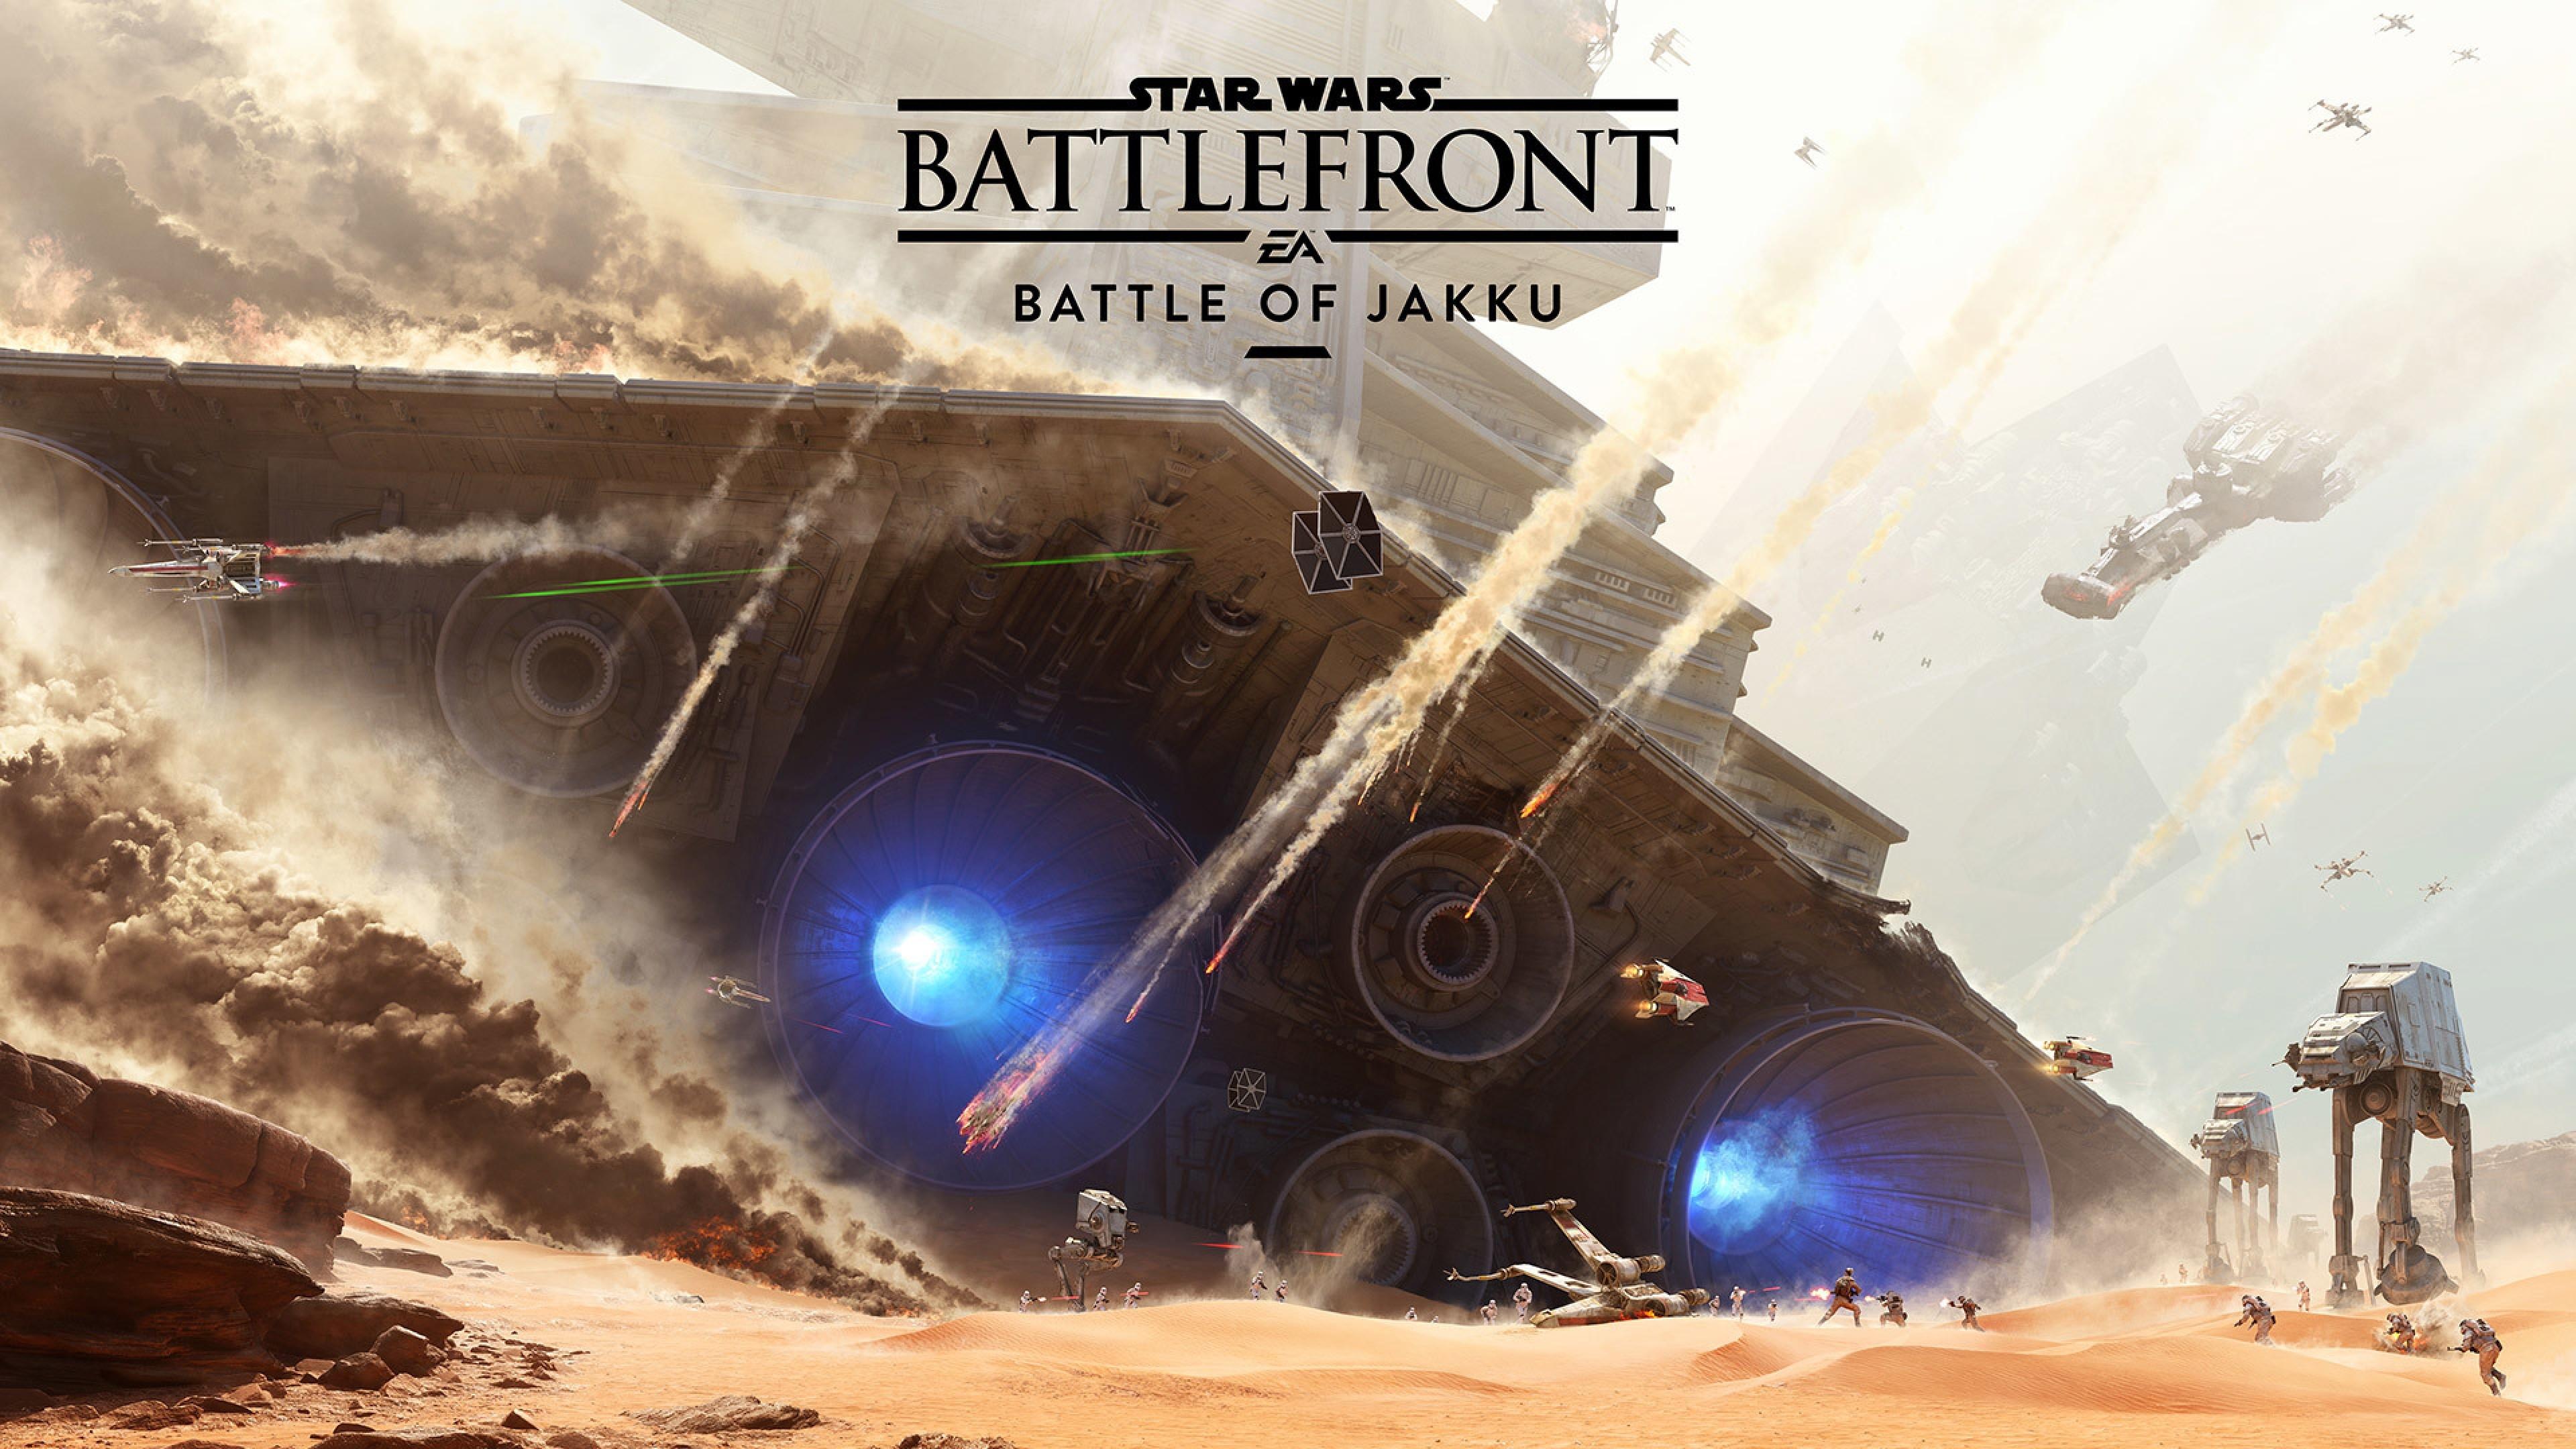 Wallpaper star wars, battlefront, battle of jakku